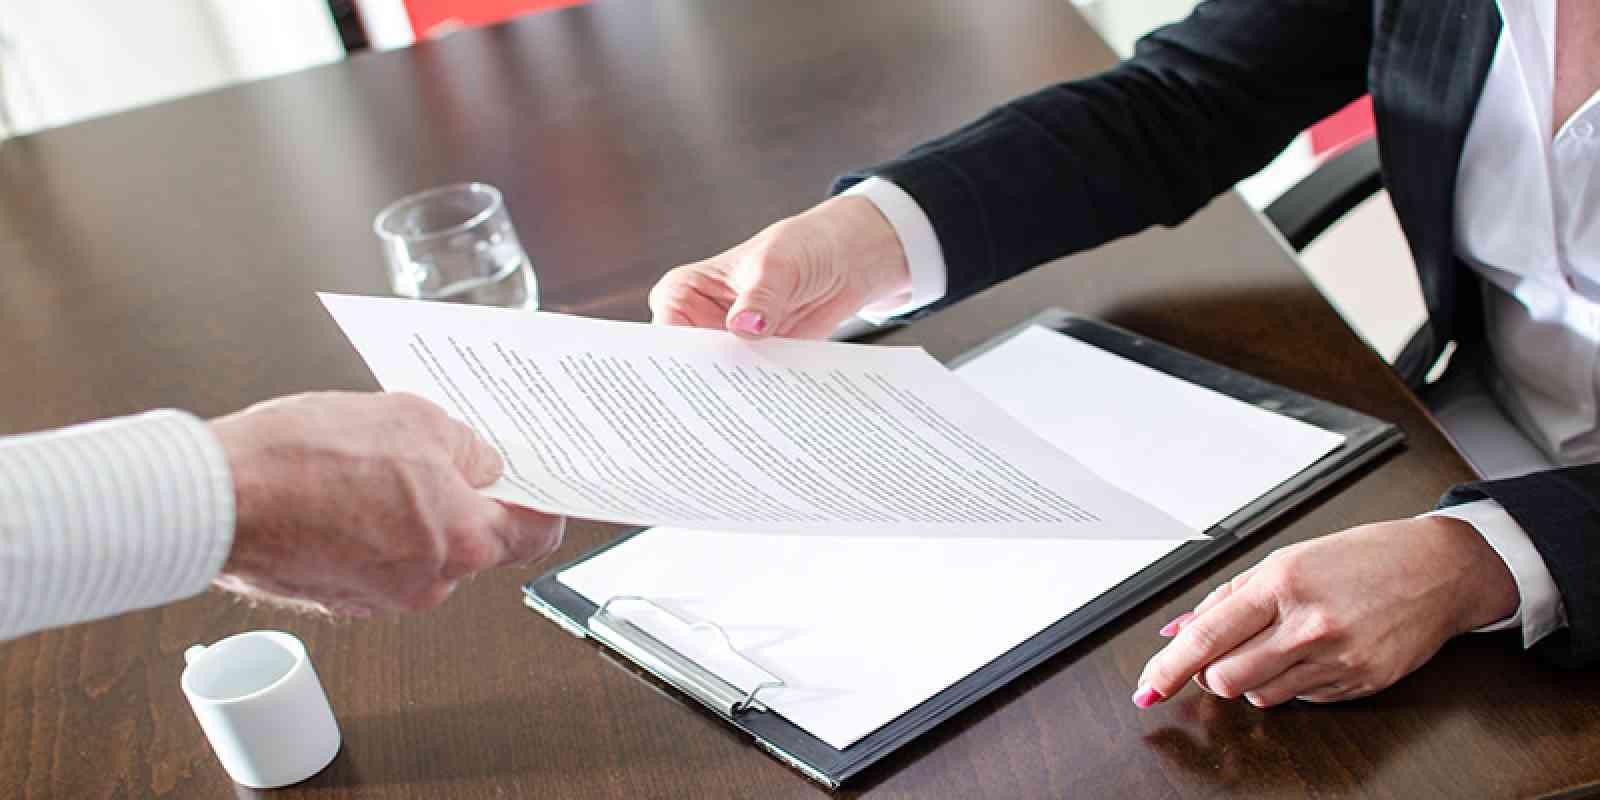 Empresas gestionarán Seguridad Social de sus contratistas. Conteo regresivo termina el 1 de junio  | EL FRENTE